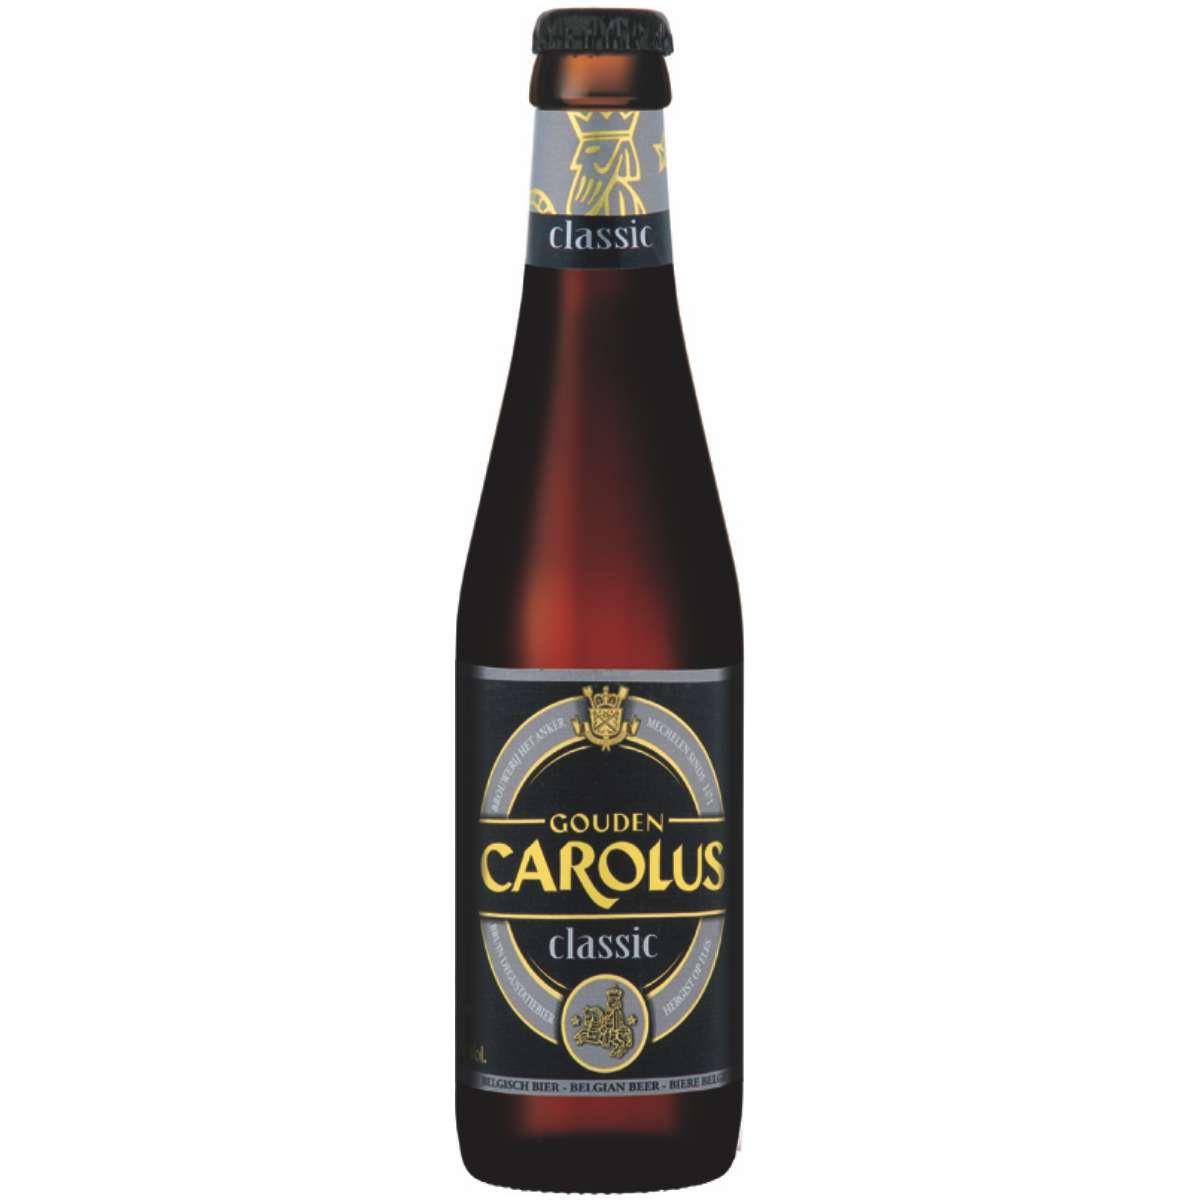 Carolus Classic 330ml